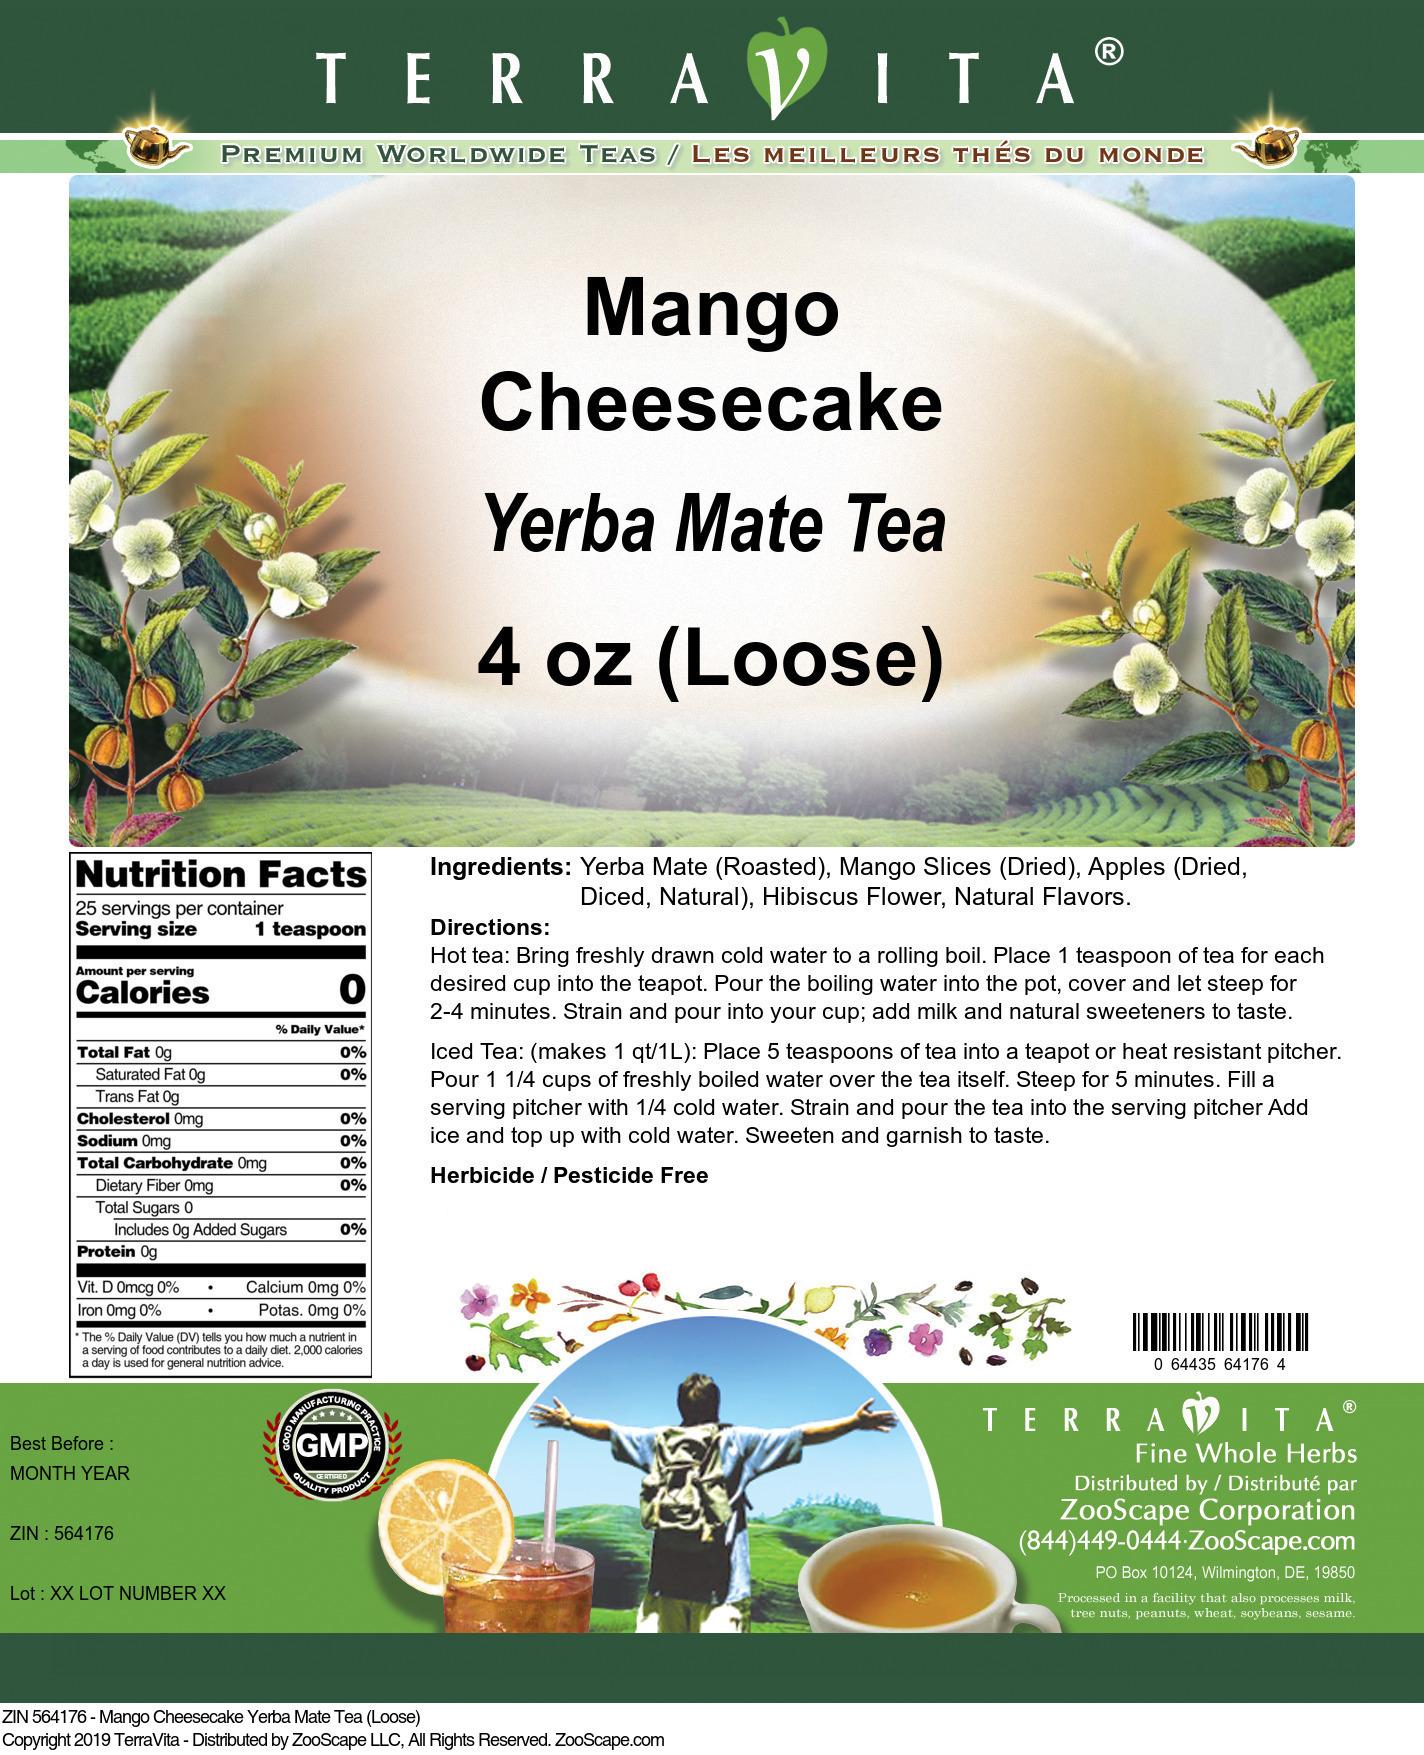 Mango Cheesecake Yerba Mate Tea (Loose)